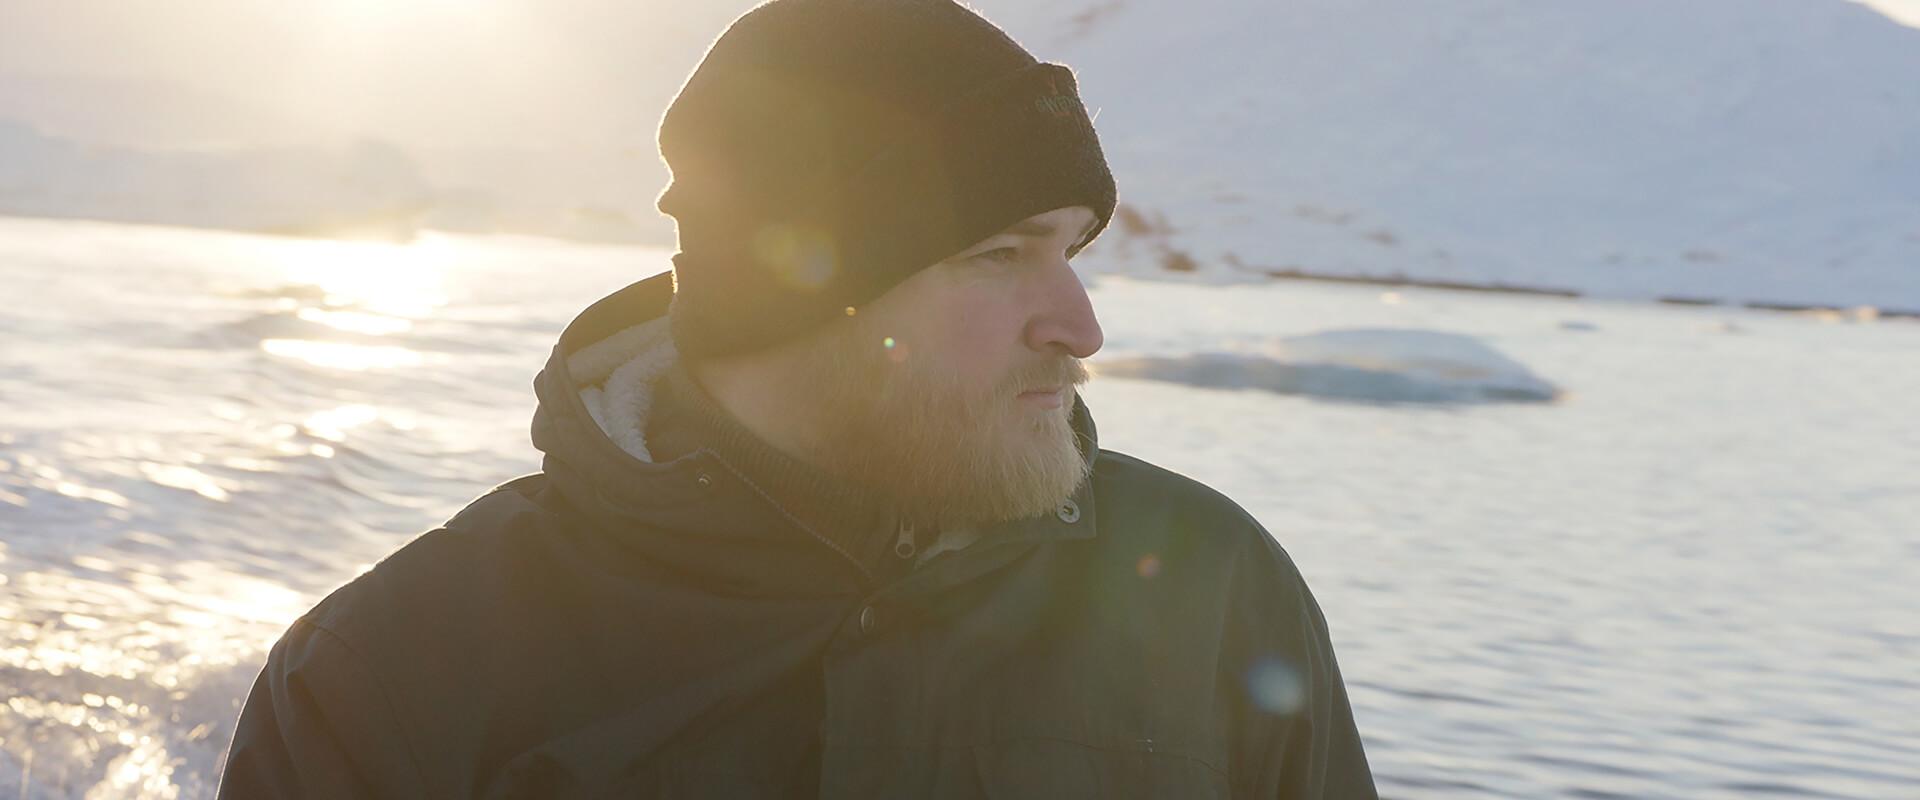 《-北極上學趣-》電影中的教師即為 安納斯 本人演出